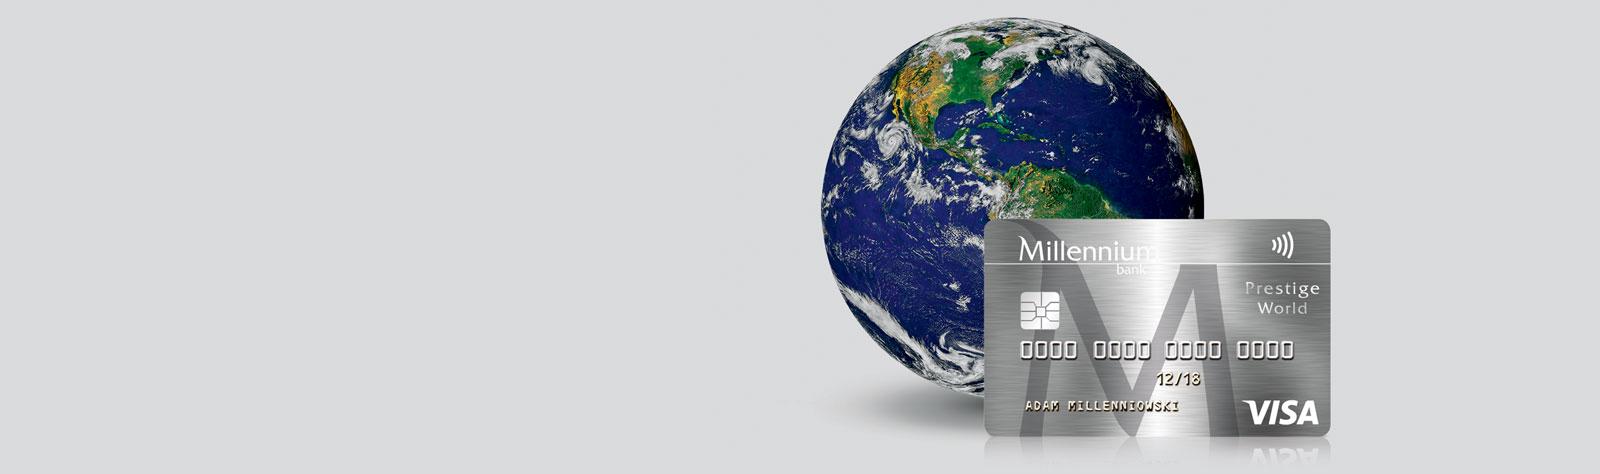 Karta Debetowa Millennium Visa Prestige World Bank Millennium